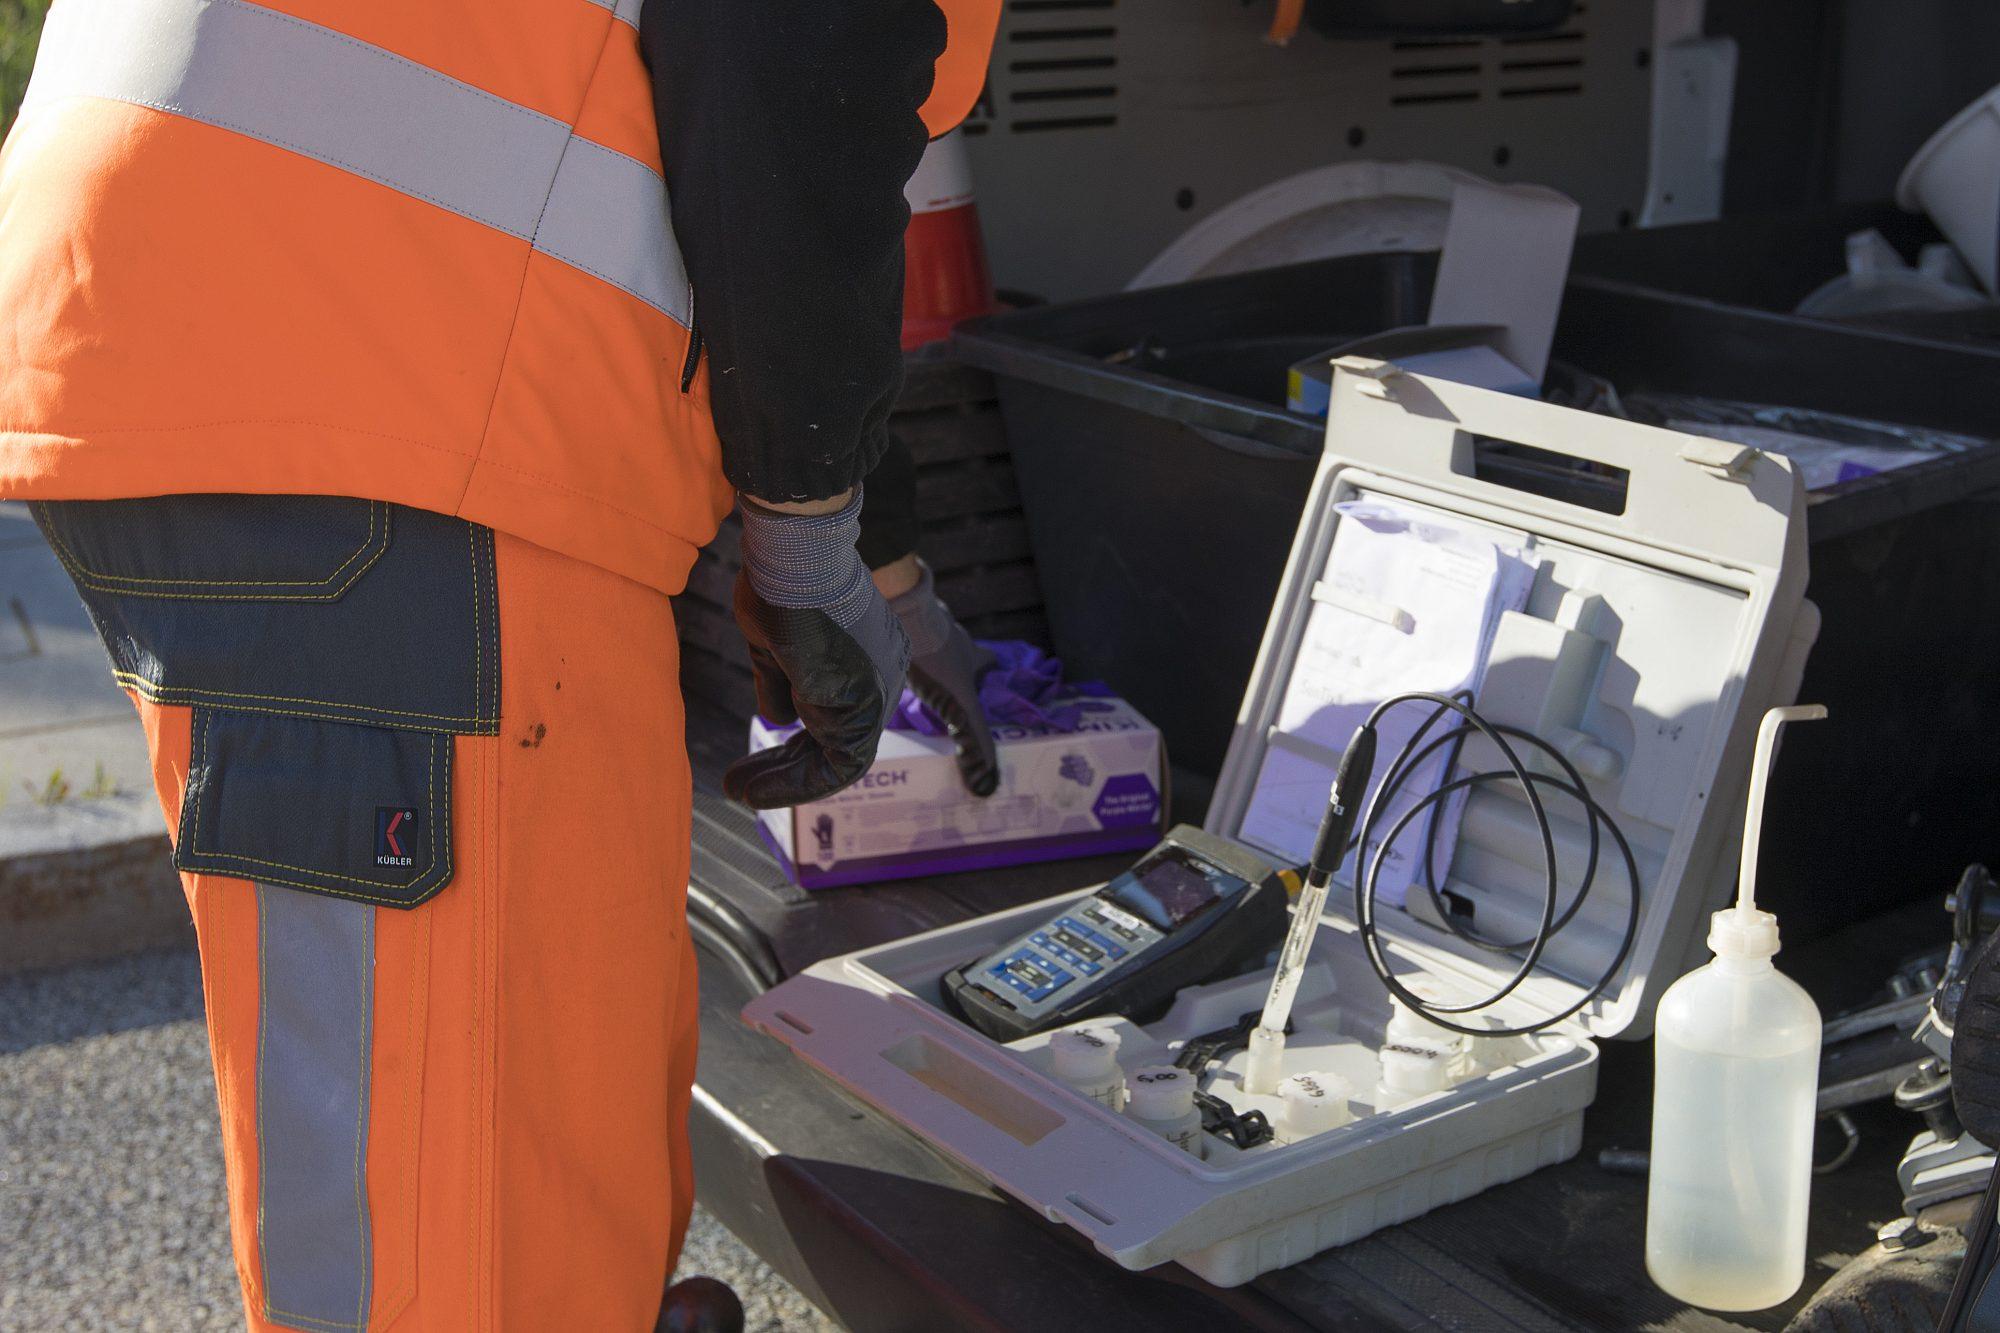 Ein Mann in Arbeitskleidung greift in den geöffneten Werkzeugkoffer mit Analysegeräten für Wasserproben im Kofferaum seines Fahrzeugs.